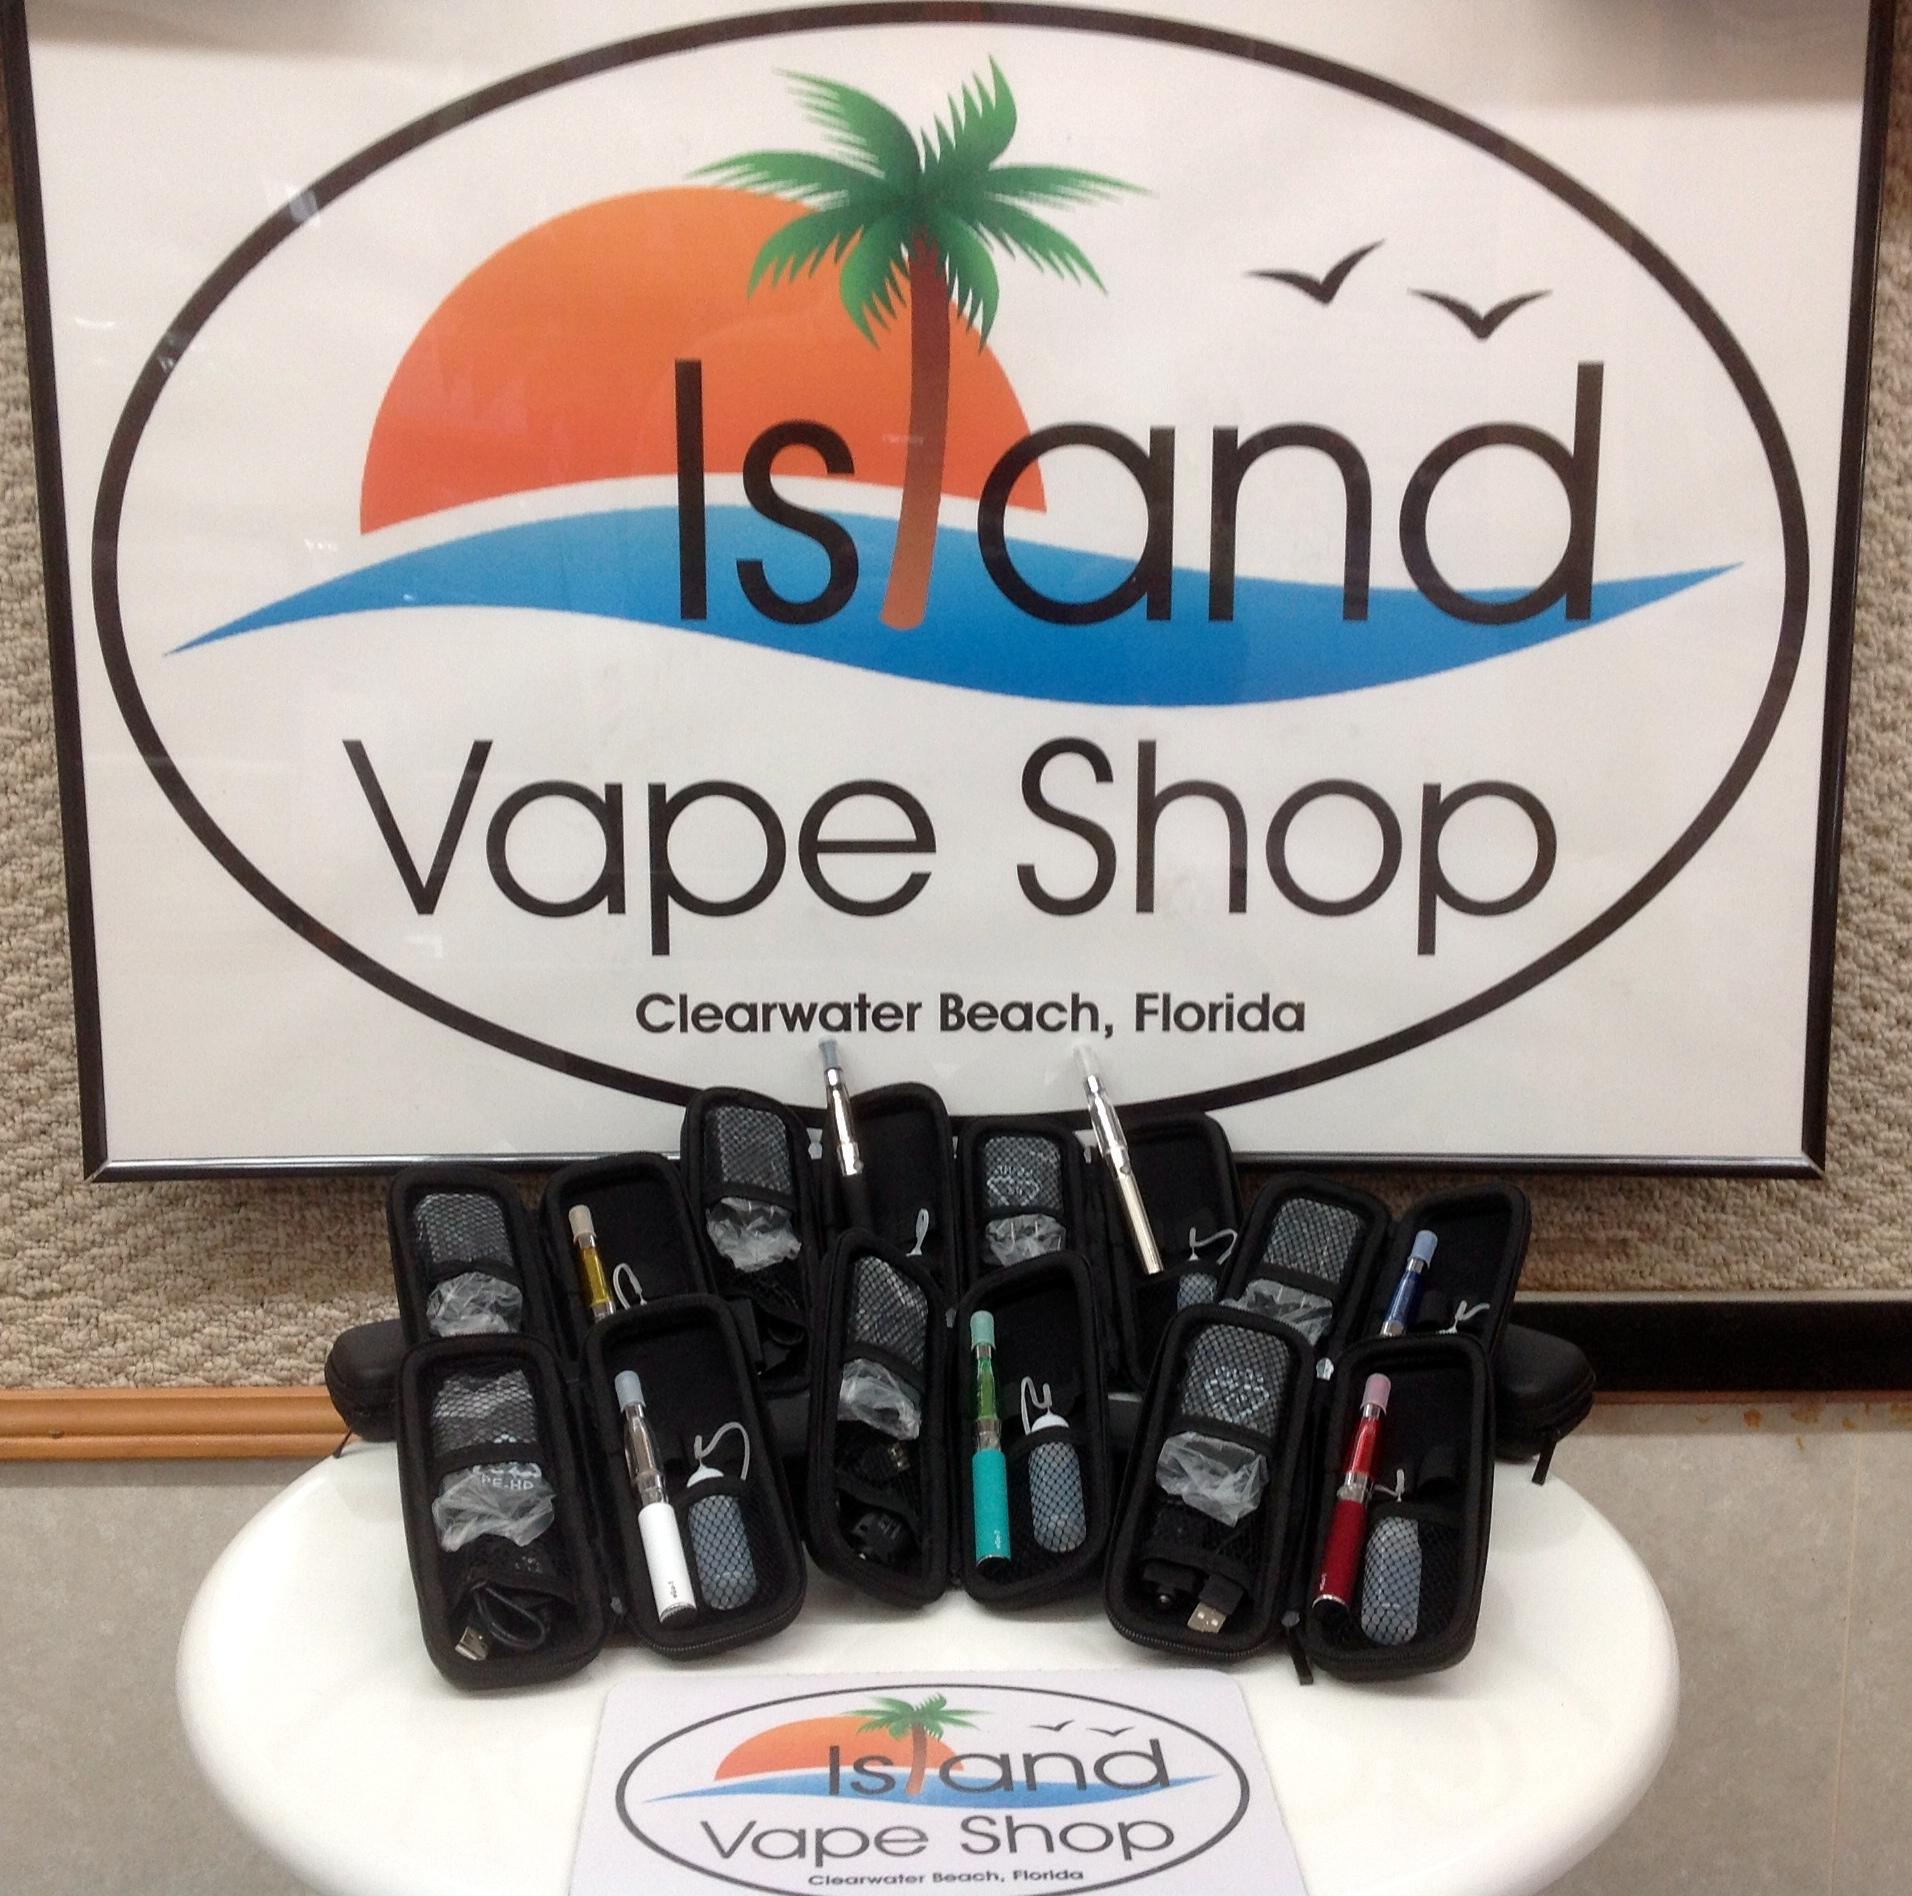 island_vape_shop_starter_kit.JPG